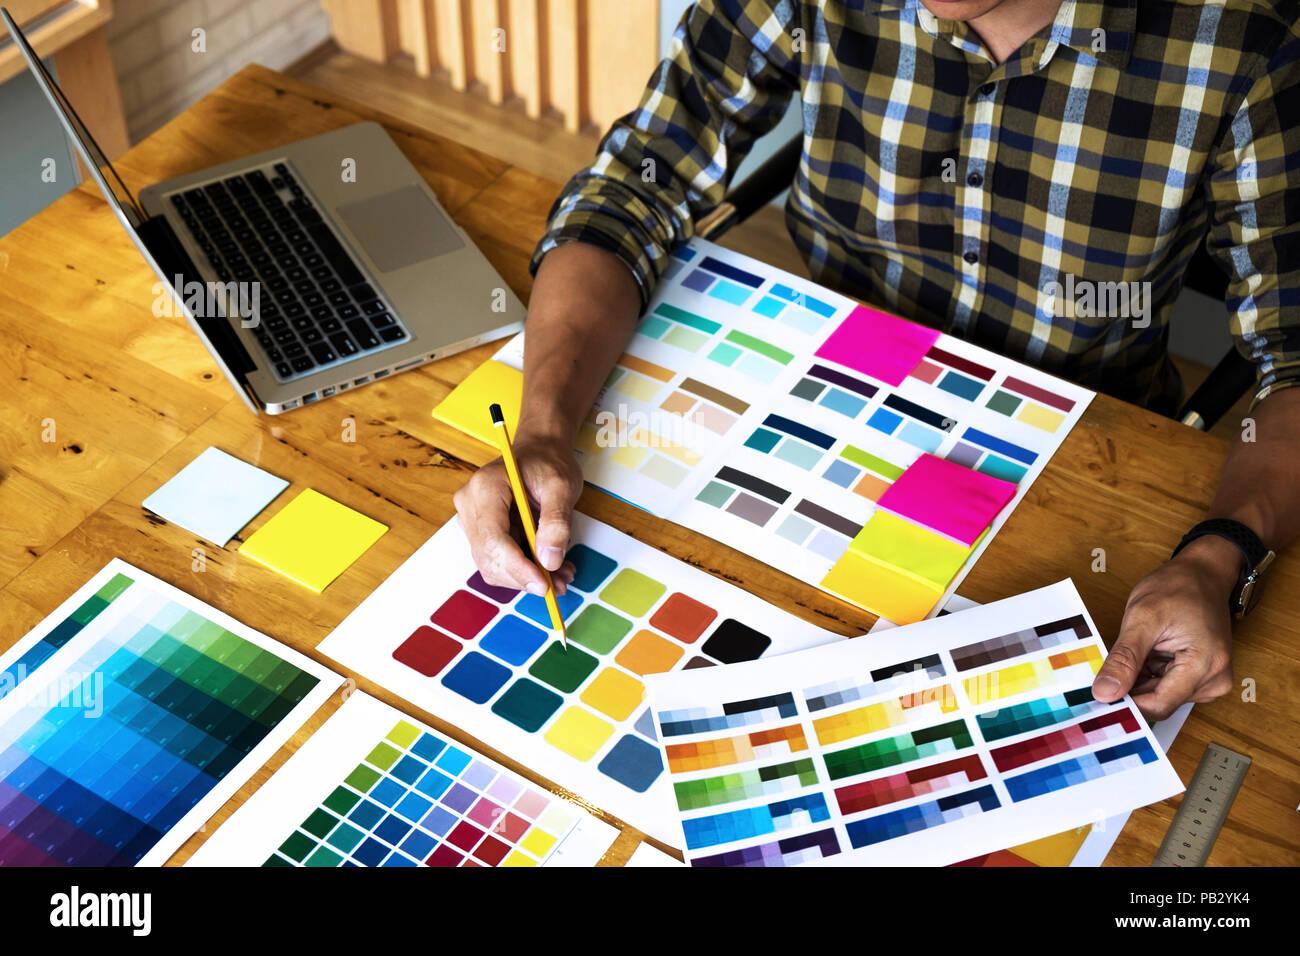 Diseñadores gráficos elegir colores de las bandas de color muestras para diseño gráfico .Designer creatividad concepto de trabajo . Foto de stock